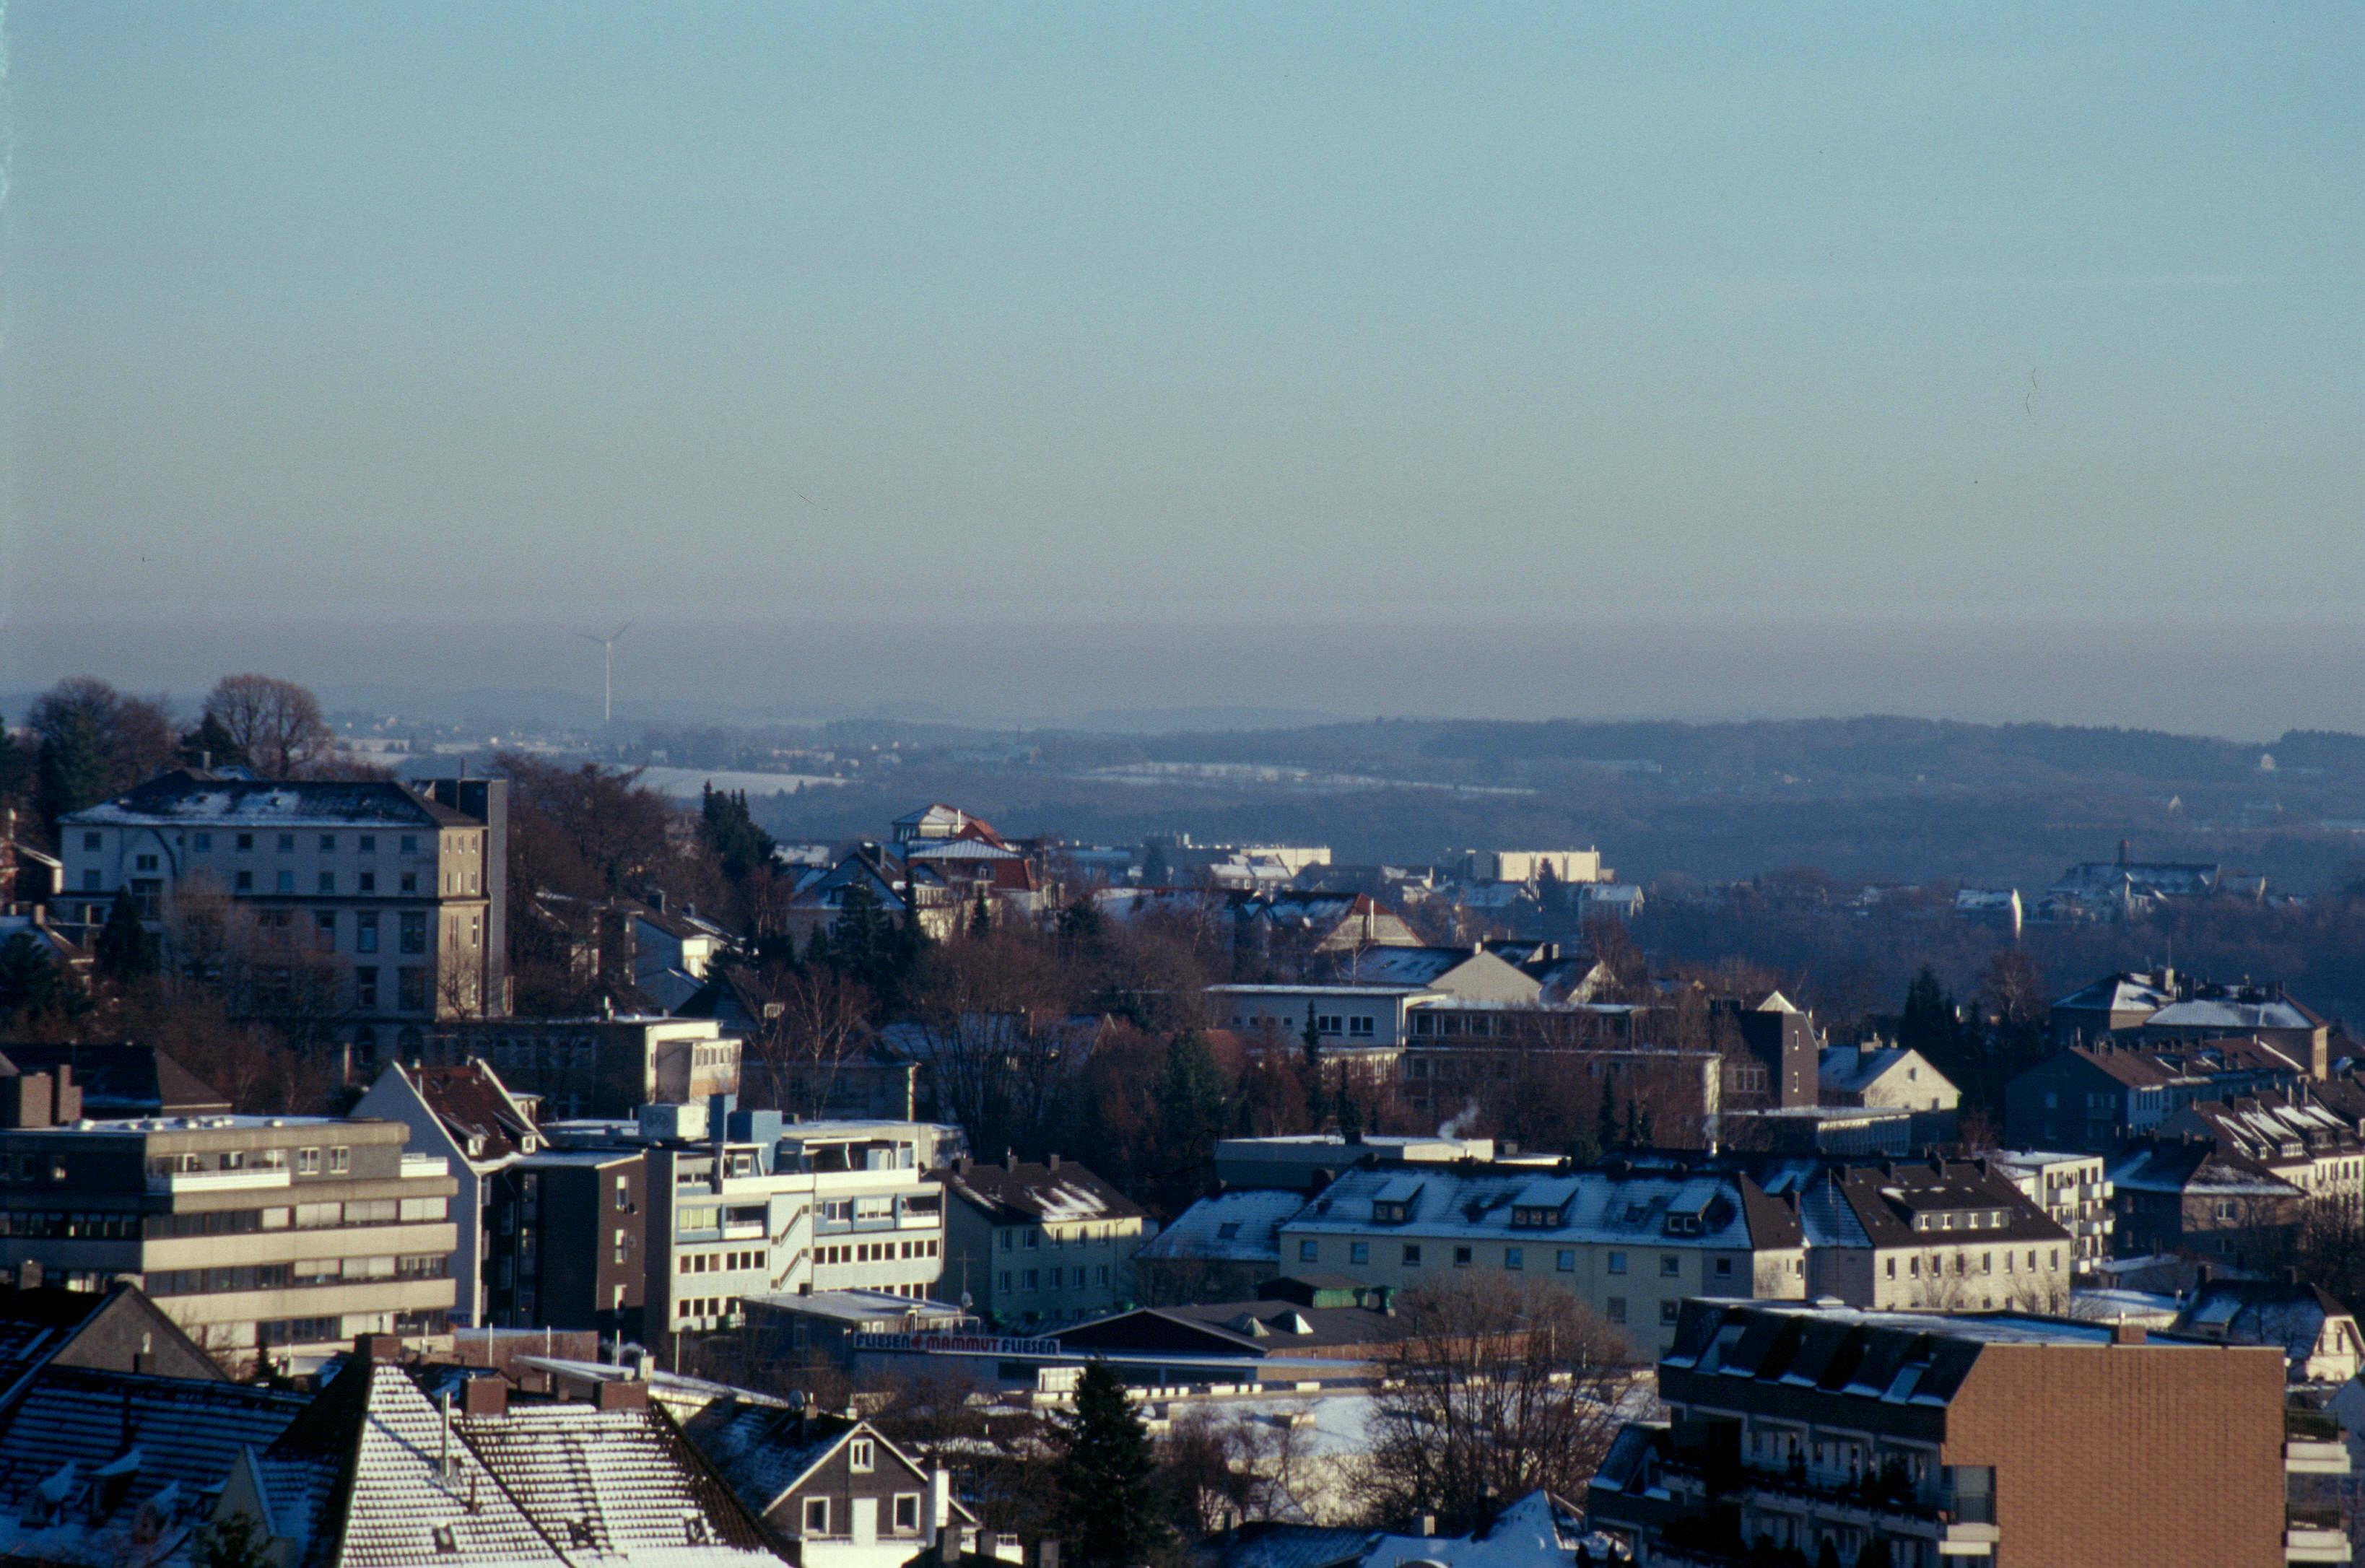 Blick nach Südenosten Richtung RS-Bliedinghausen